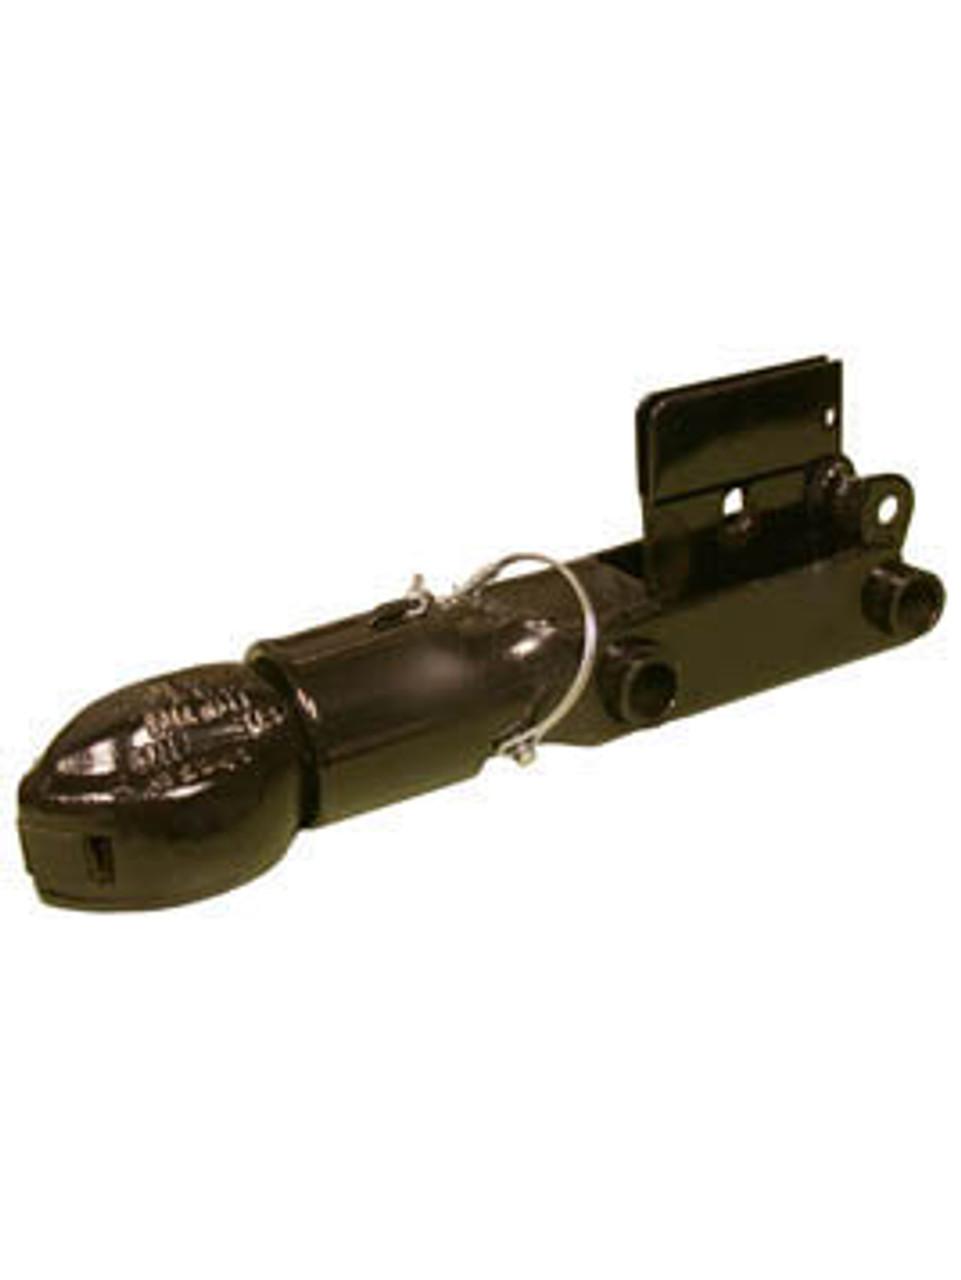 """10738-1 --- Hydro-Act Actuator 2-5/16"""" Bulldog Coupler 12,500 lbs"""